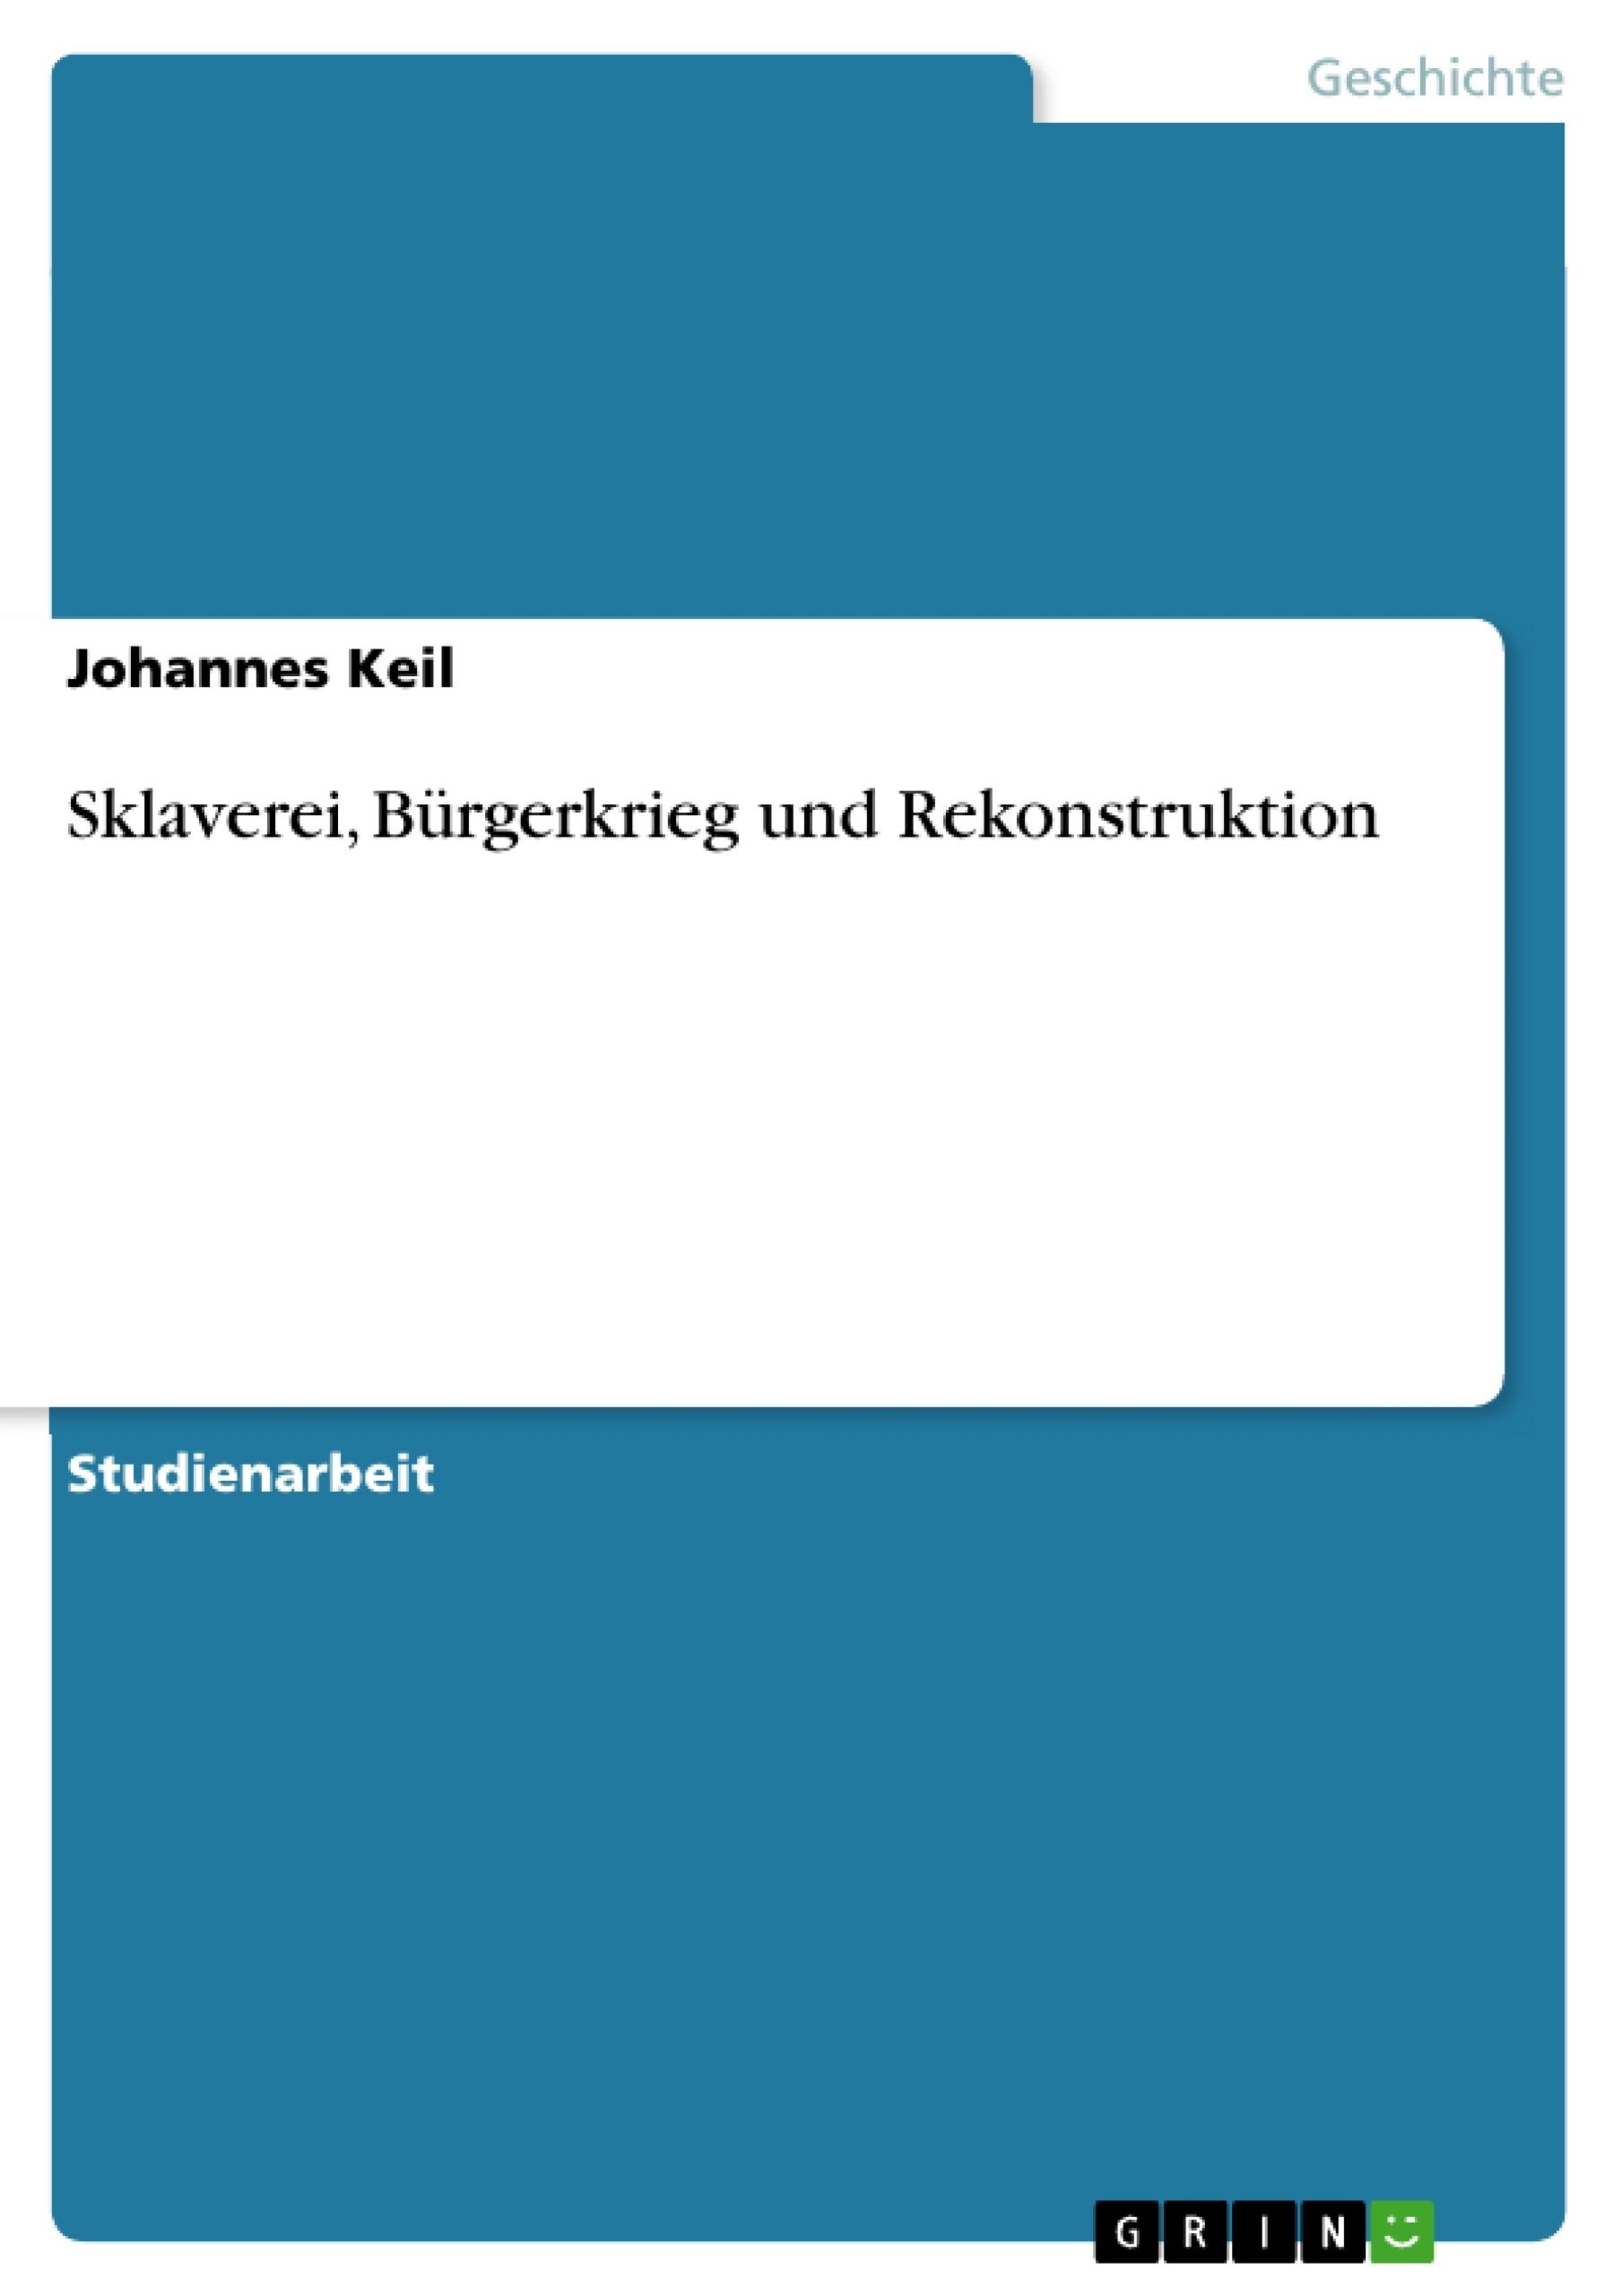 Titel: Sklaverei, Bürgerkrieg und Rekonstruktion